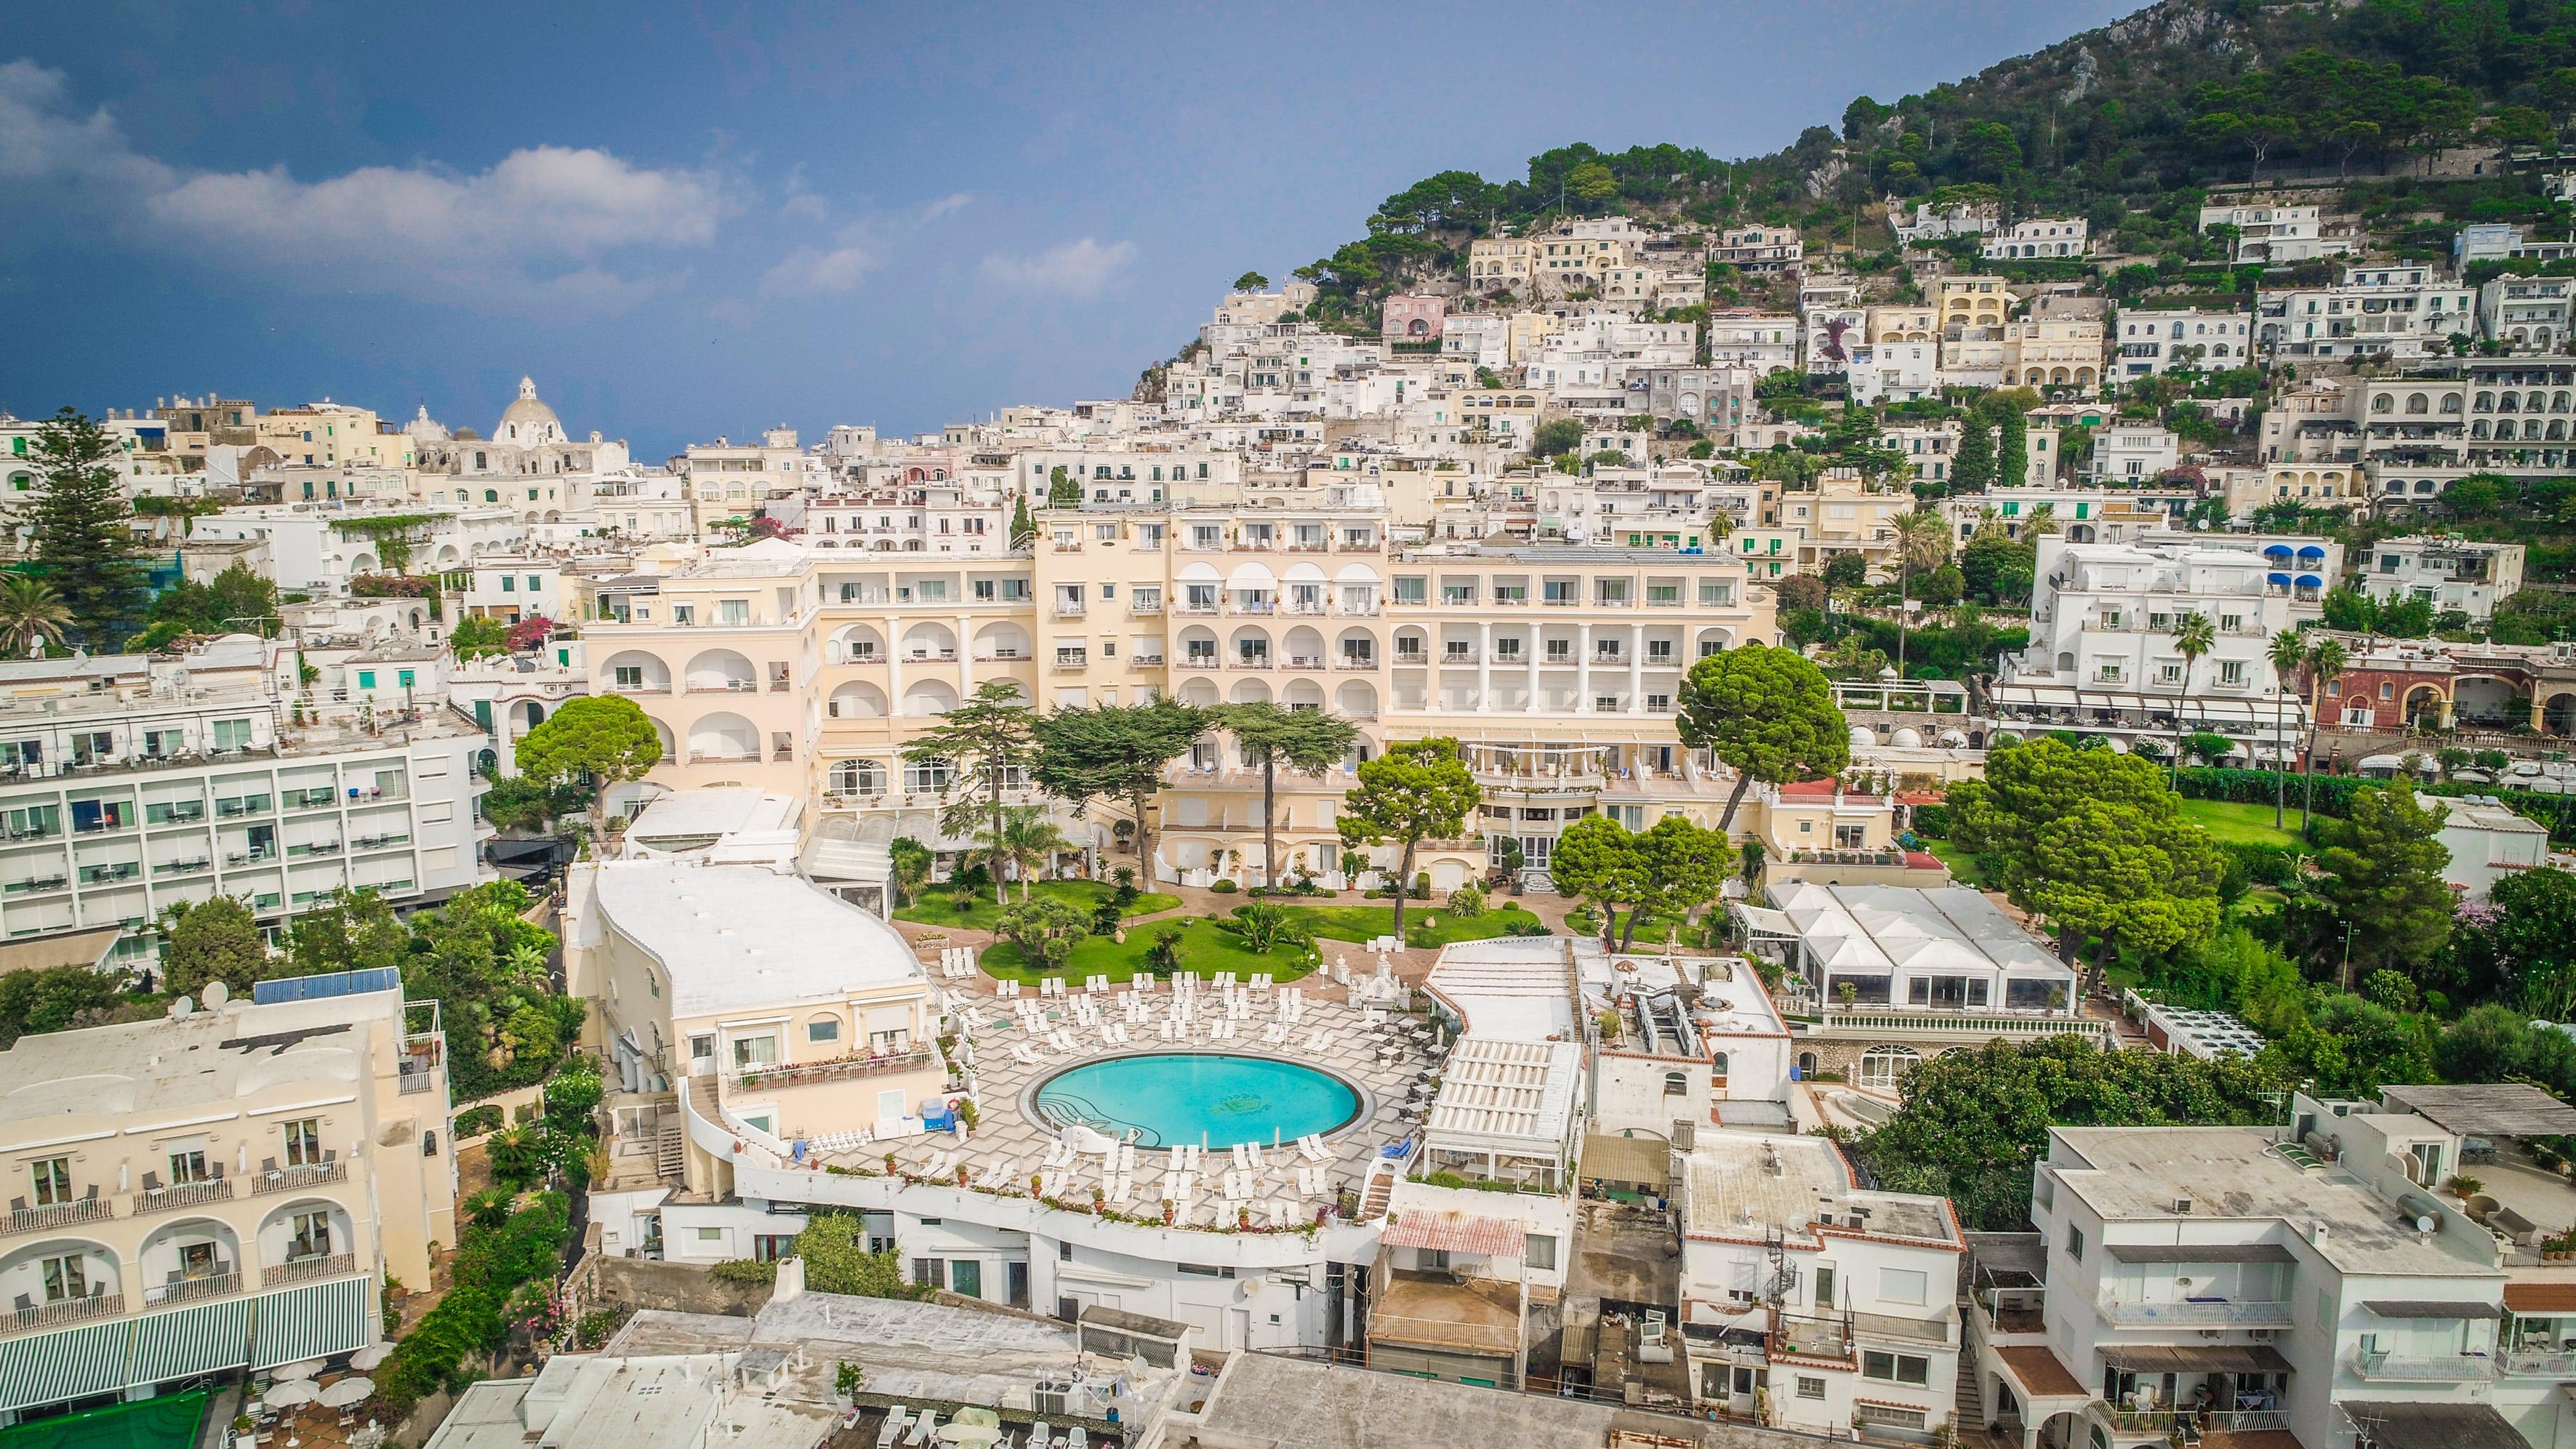 Quisisana, Capri